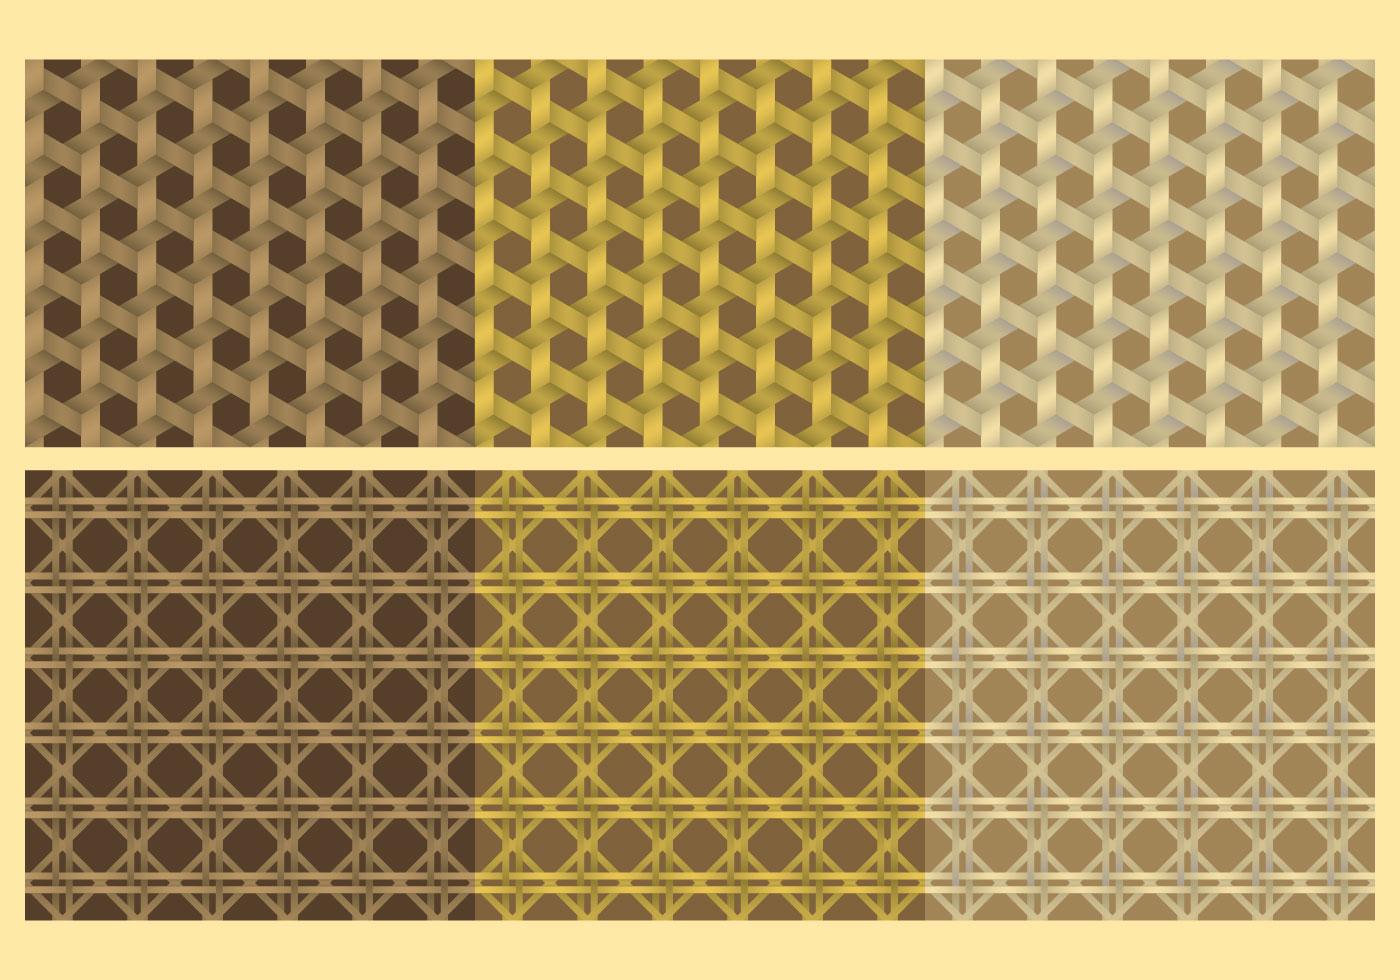 Wicker Texture Vectors  Download Free Vector Art Stock